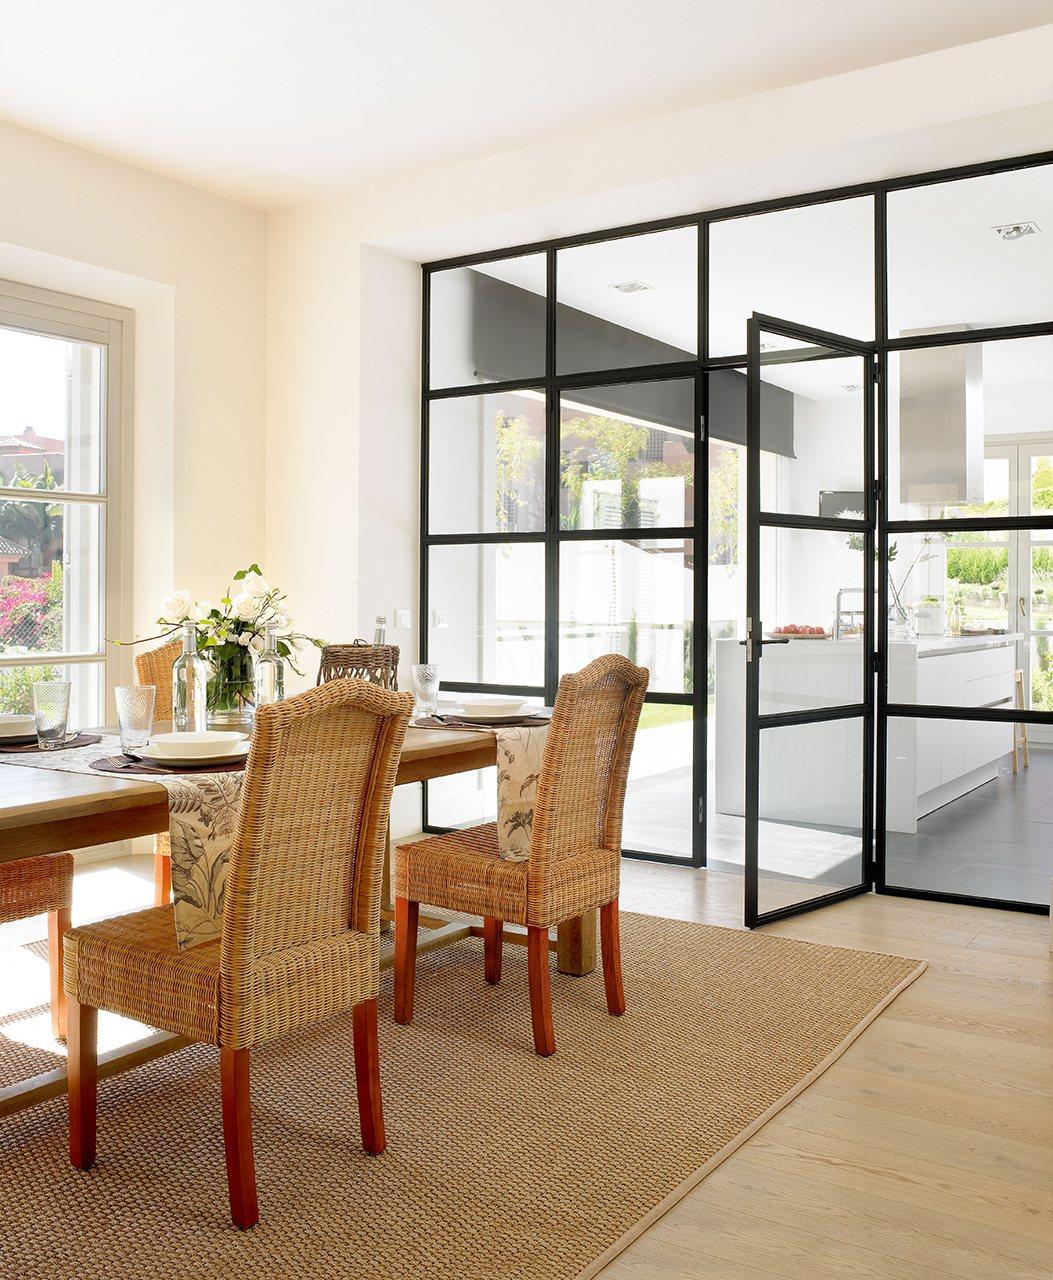 Cambia tu casa renovando puertas y ventanas for Puertas acristaladas correderas